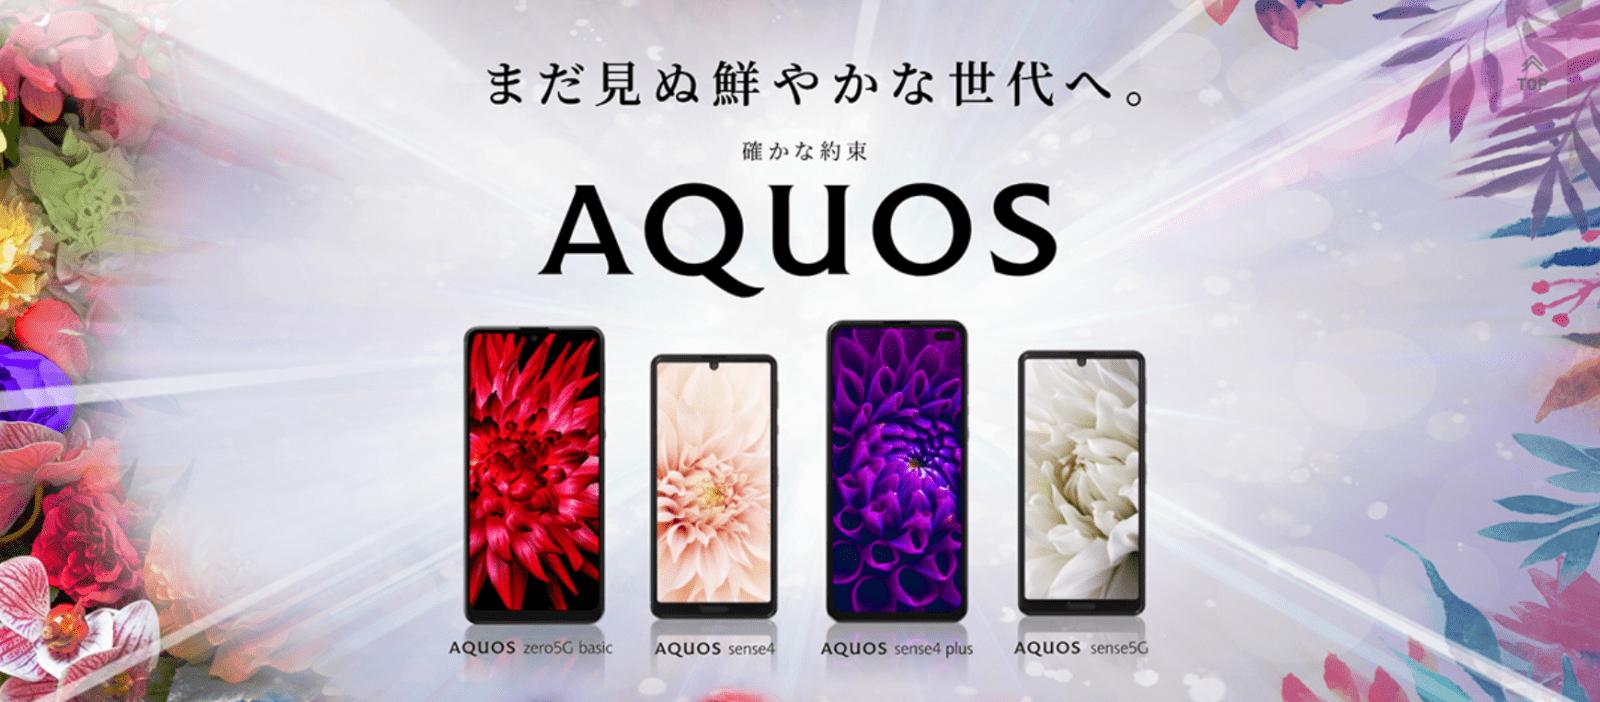 Обзор sharp aquos s2: добротный китаец с извращенским экраном